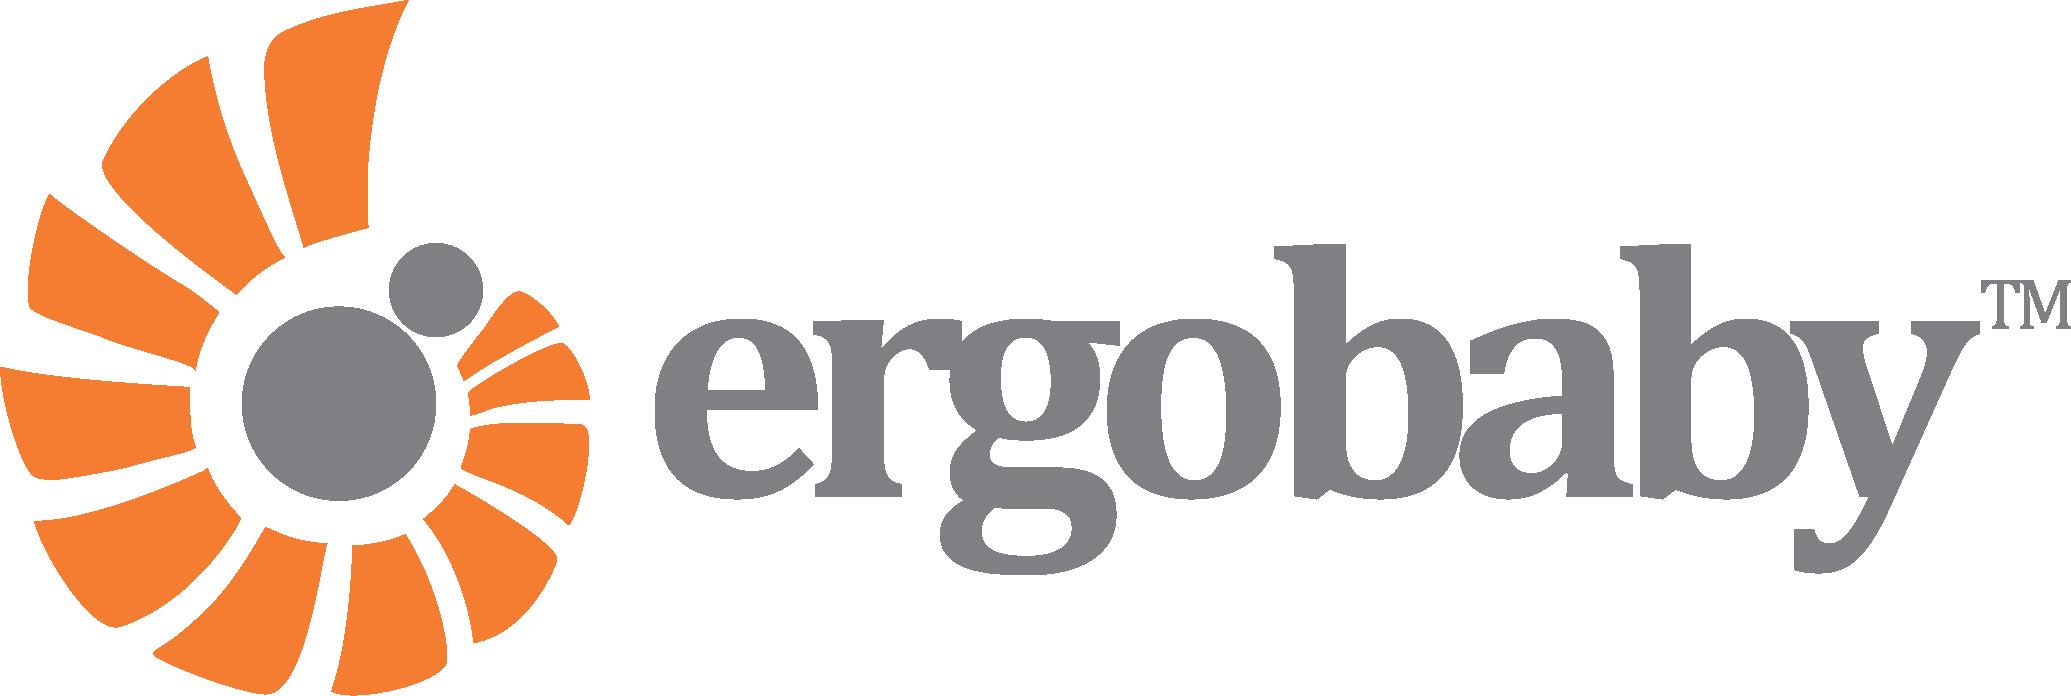 Ergobaby Horizontal Logo (1).png